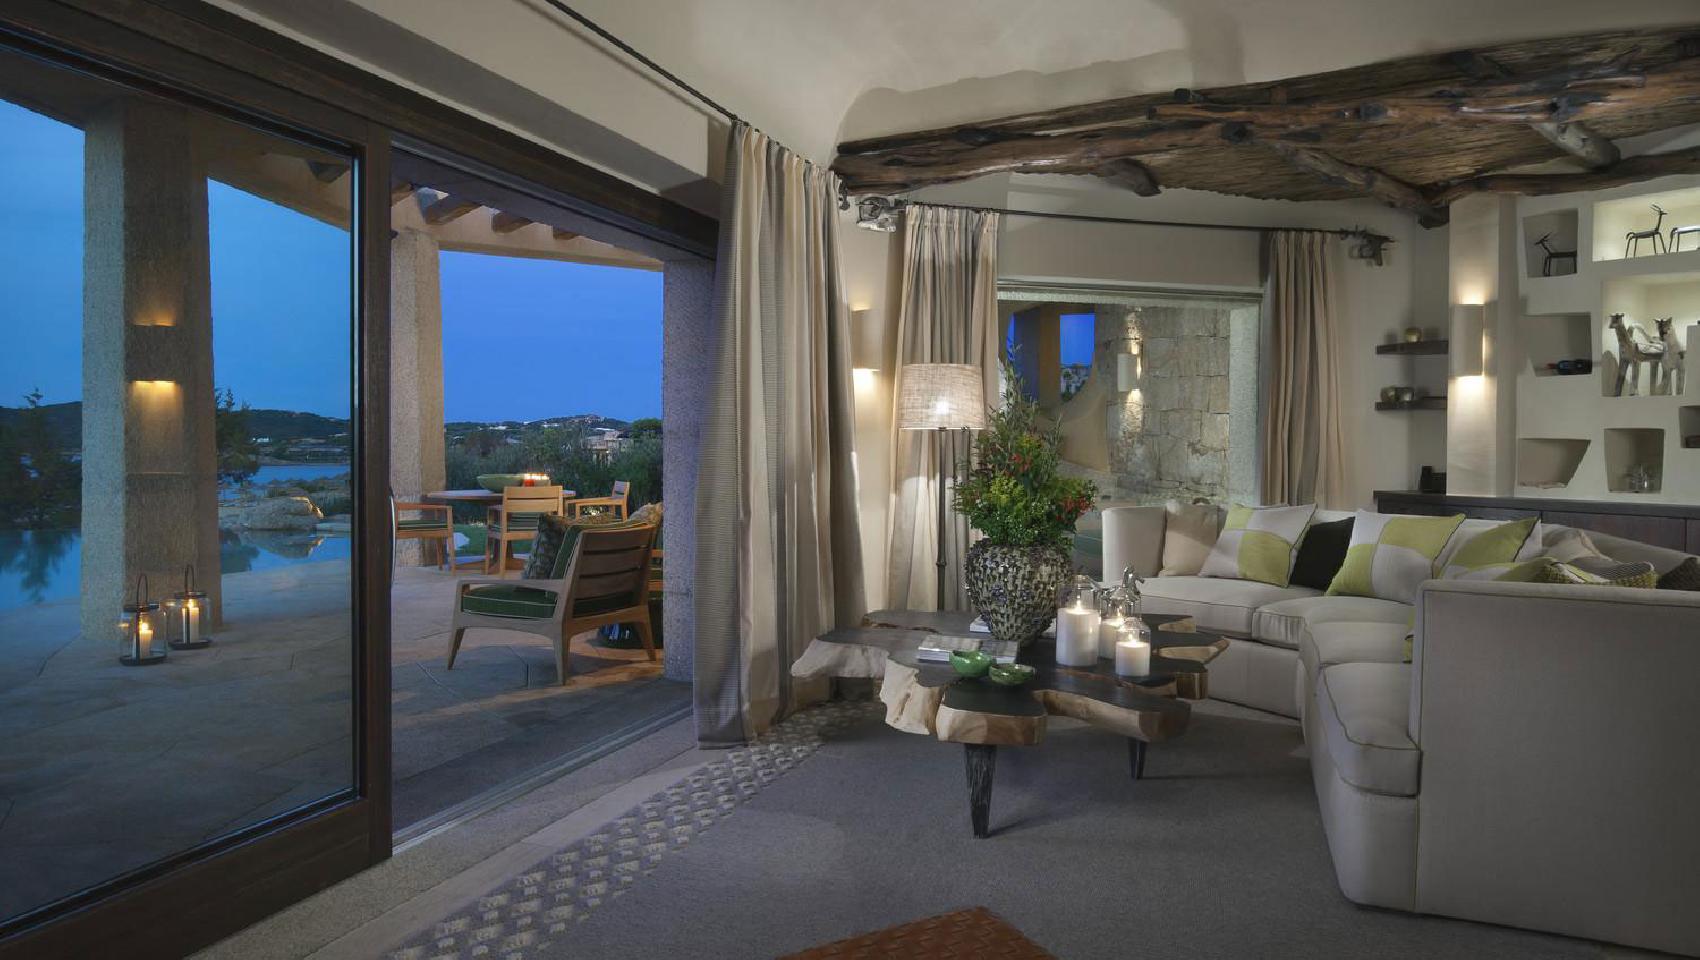 Hotel pitrizza liscia di vacca arzachena sardinien for Sardinien design hotel